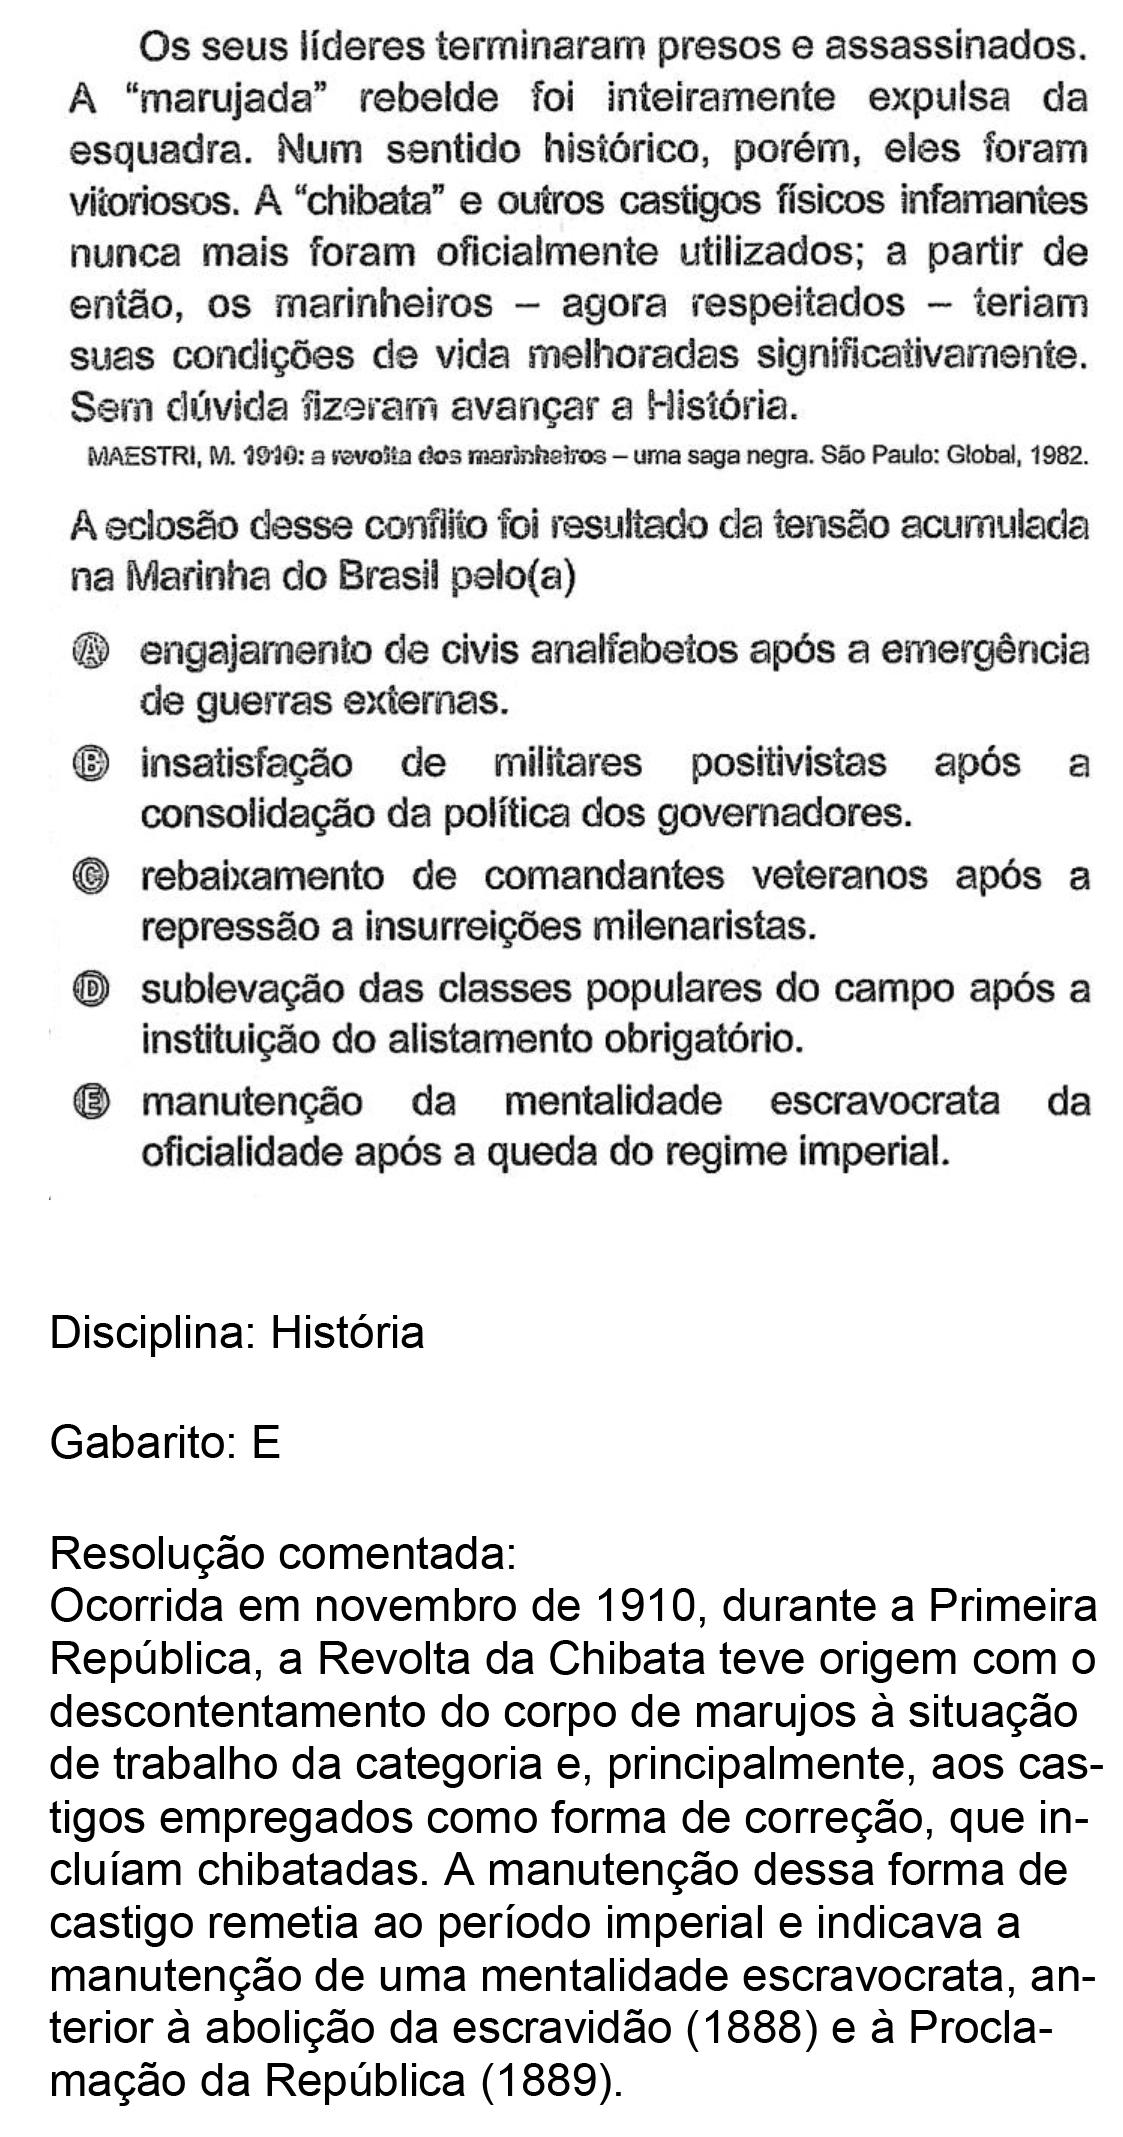 Resolução da questão 86: Prova Amarela do ENEM 2018.